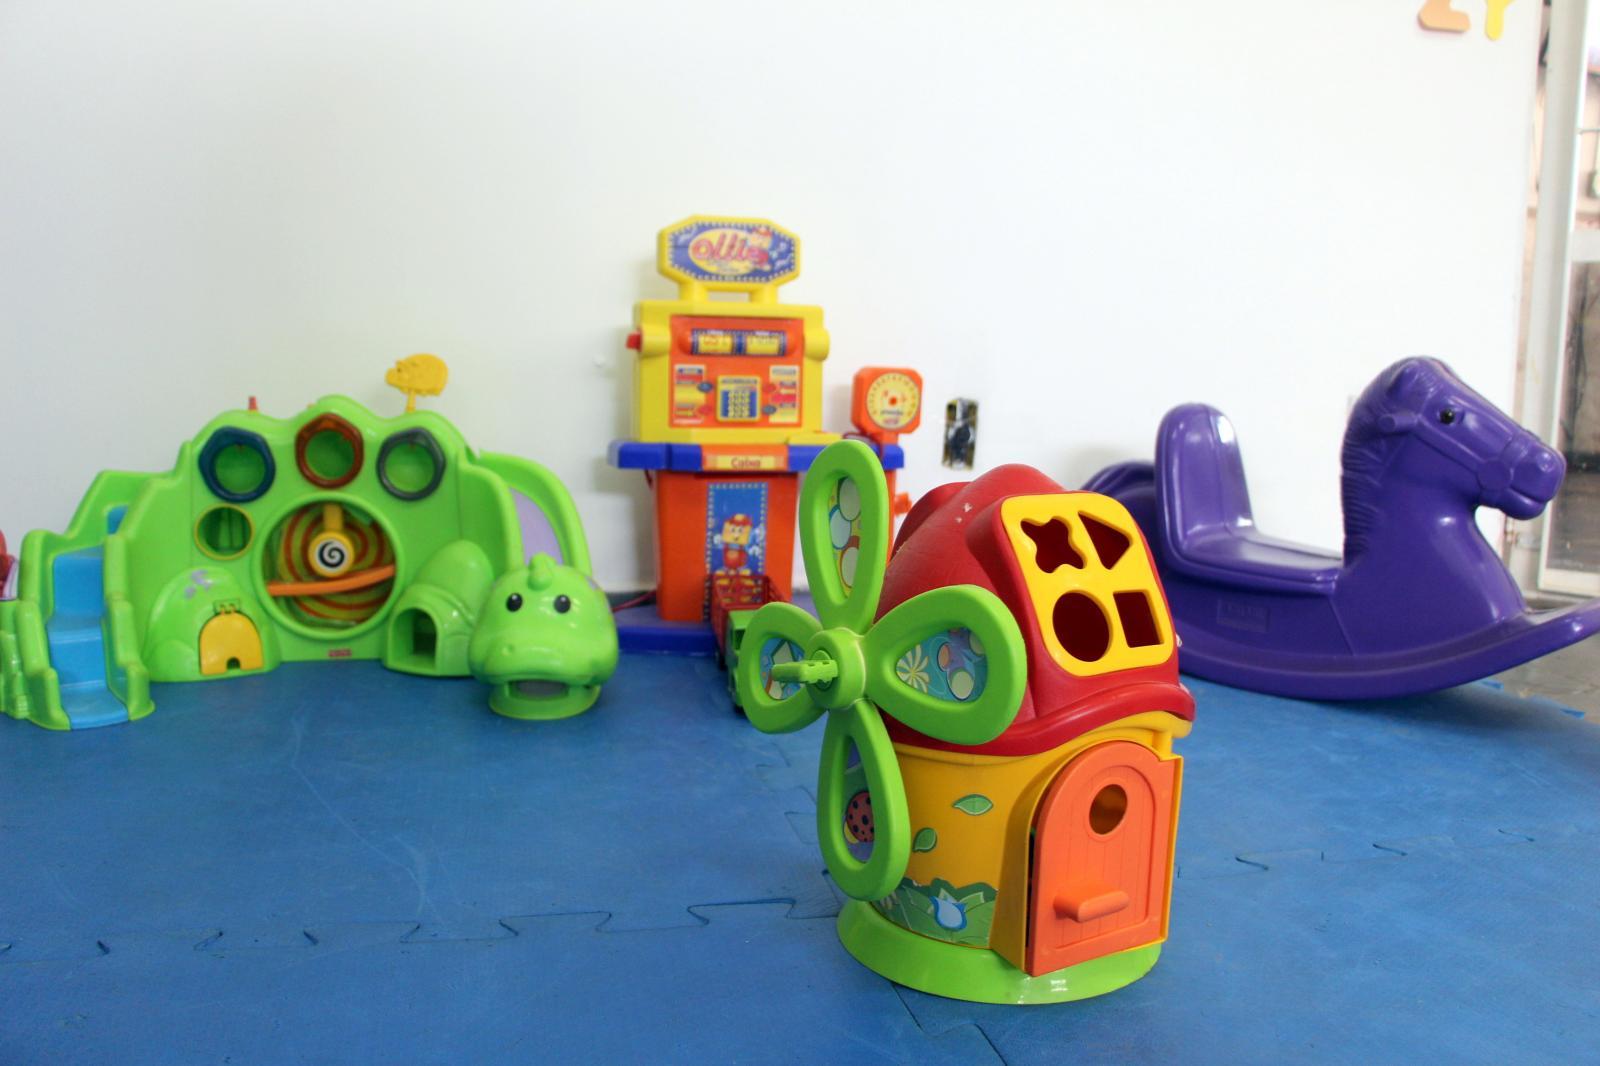 Programa 'Criança Feliz' promove desenvolvimento da criatividade e raciocínio lógico das crianças